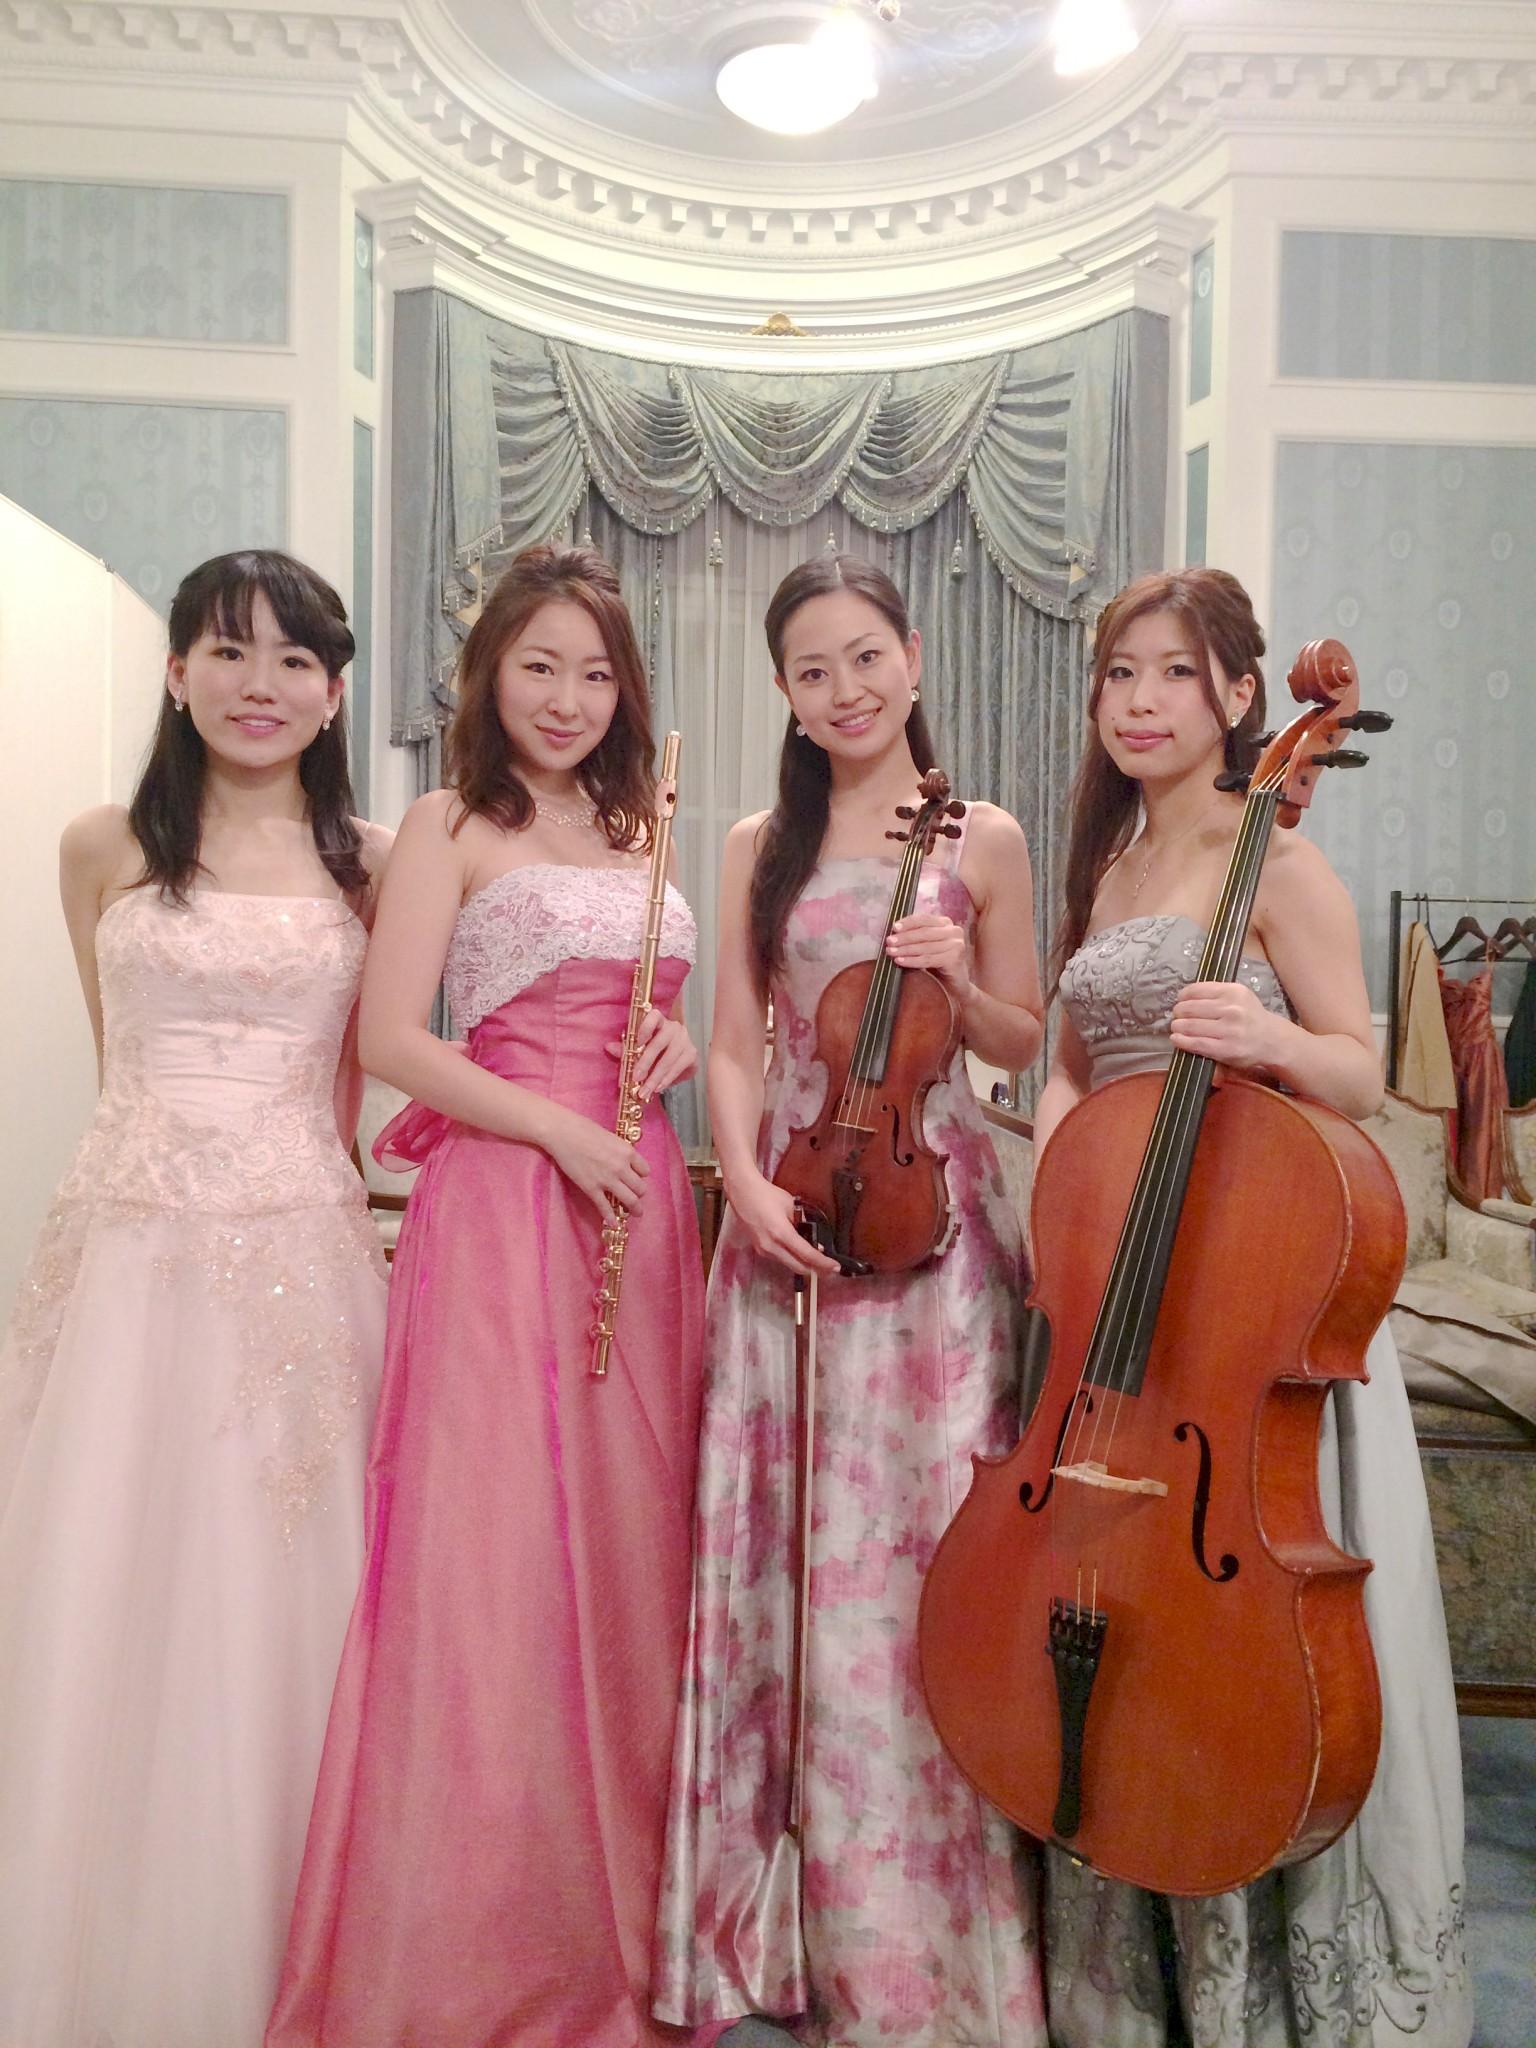 フルート、ヴァイオリン、チェロ、ピアノの四重奏でコンサート生演奏でした